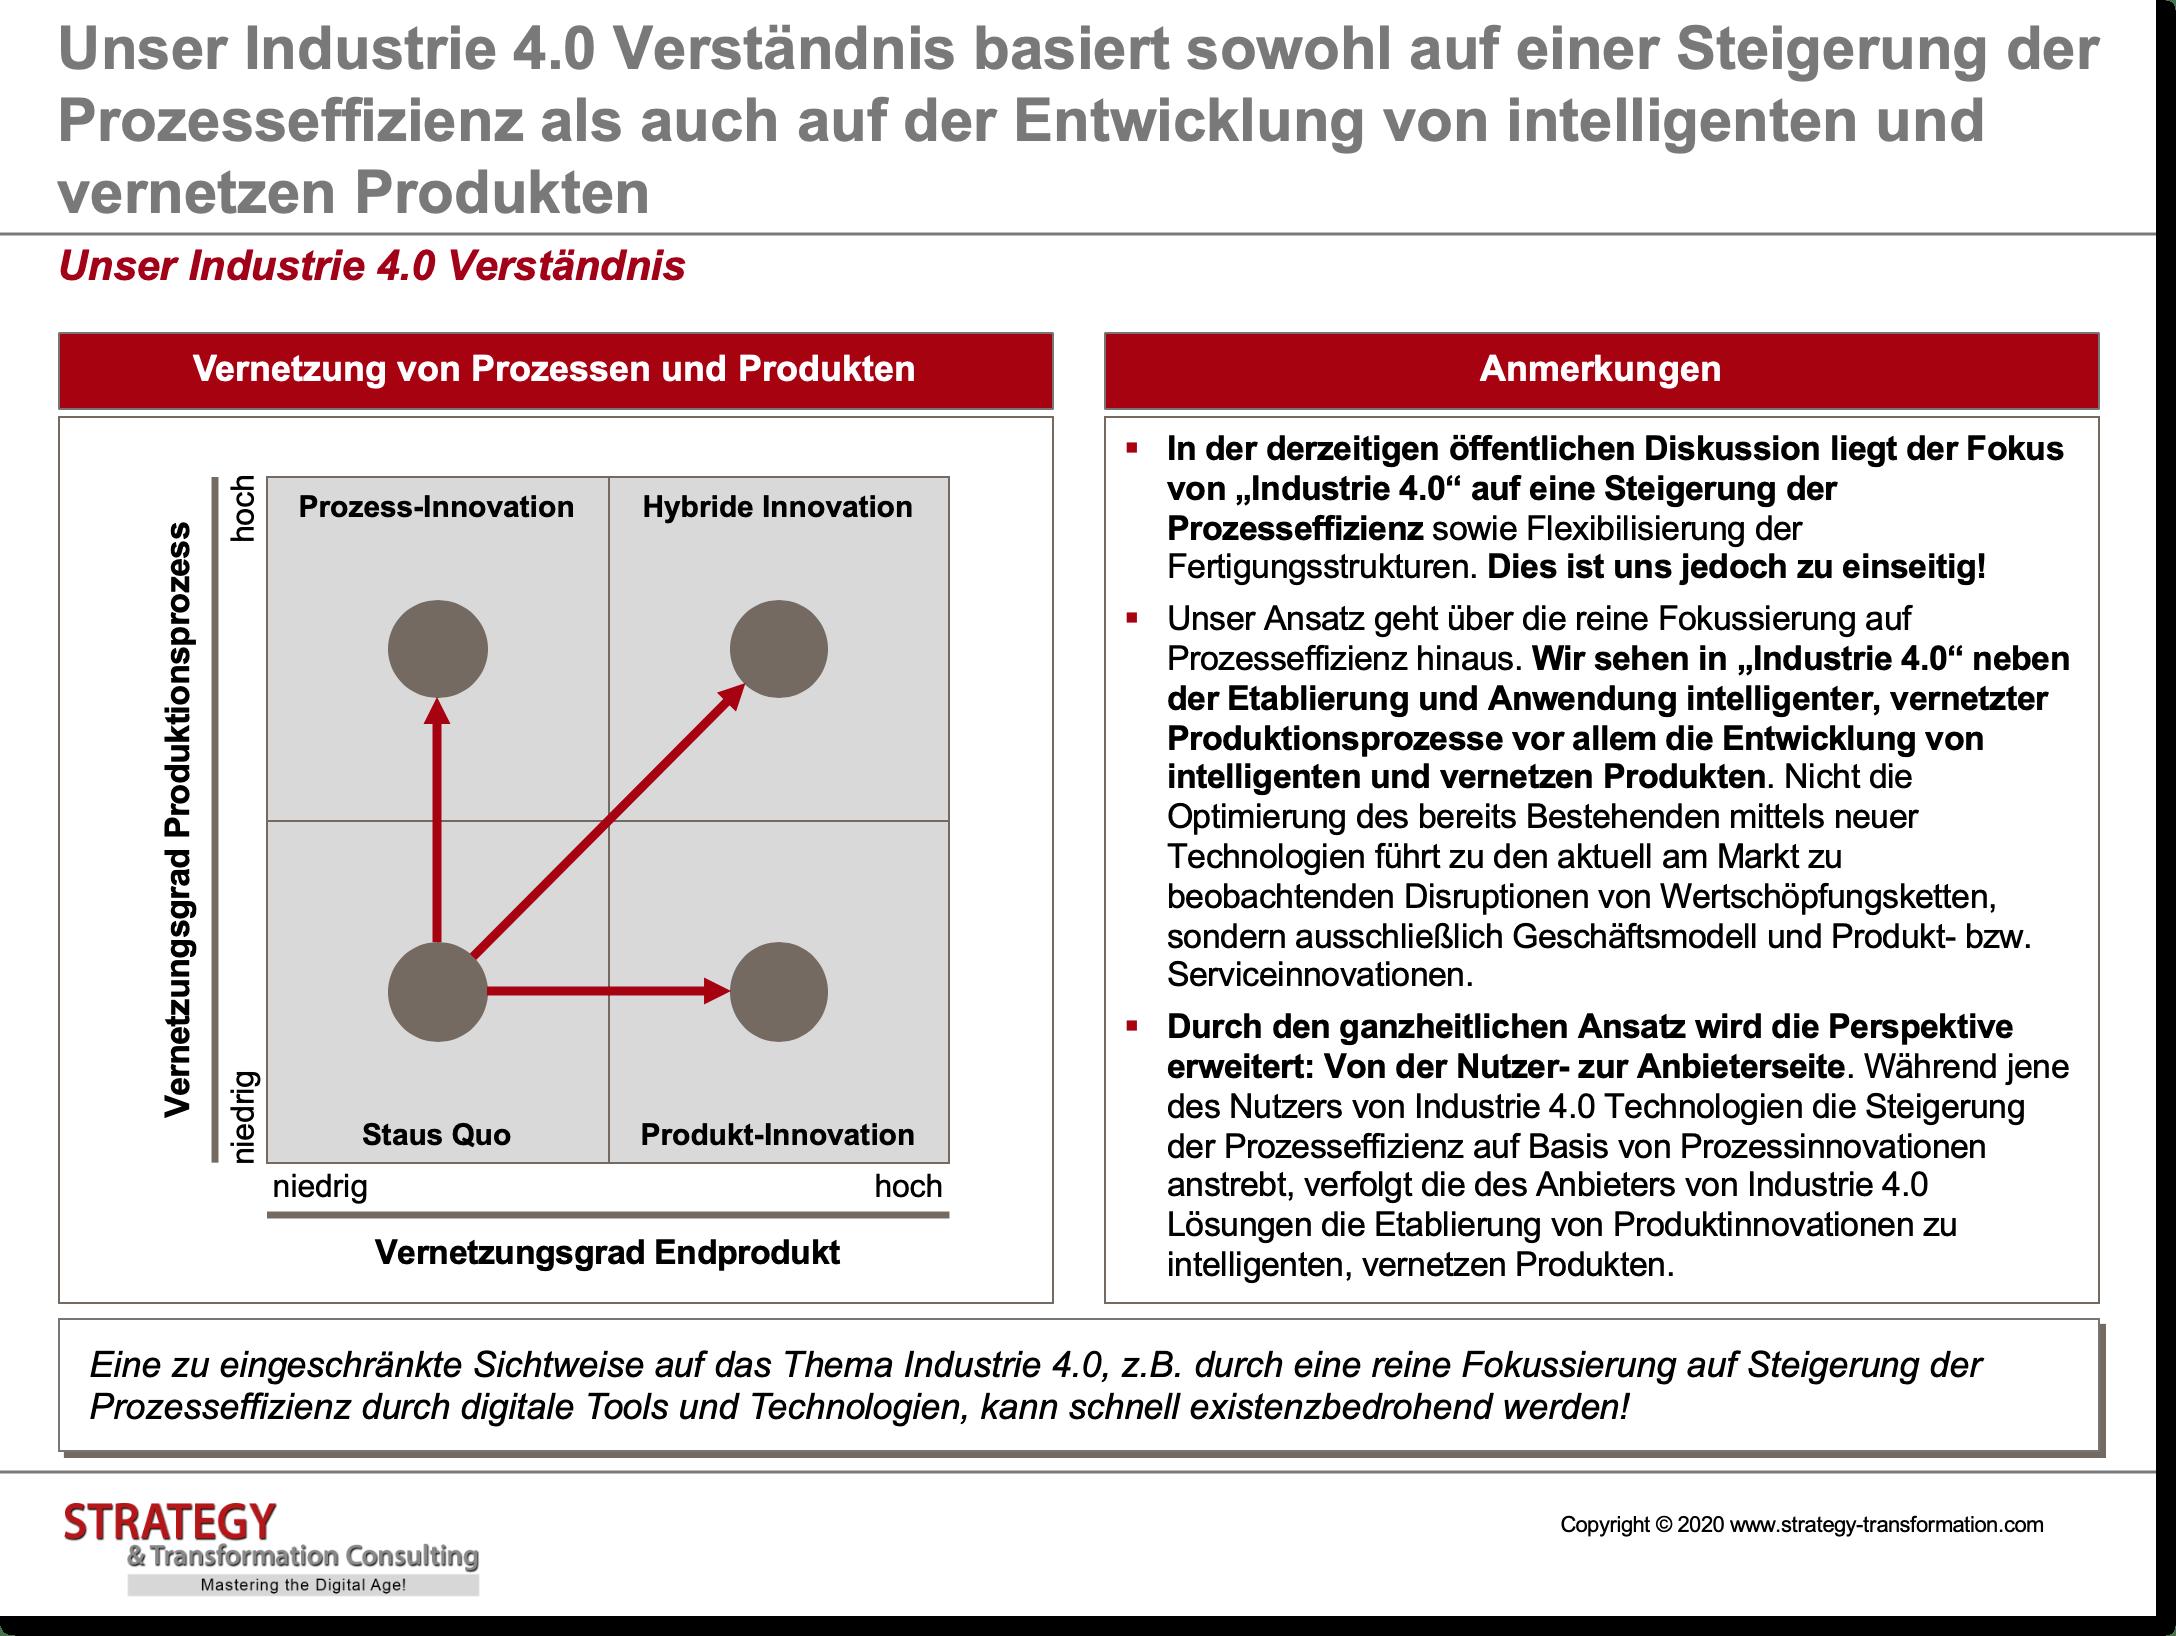 Unser Industrie 4.0 Verständnis